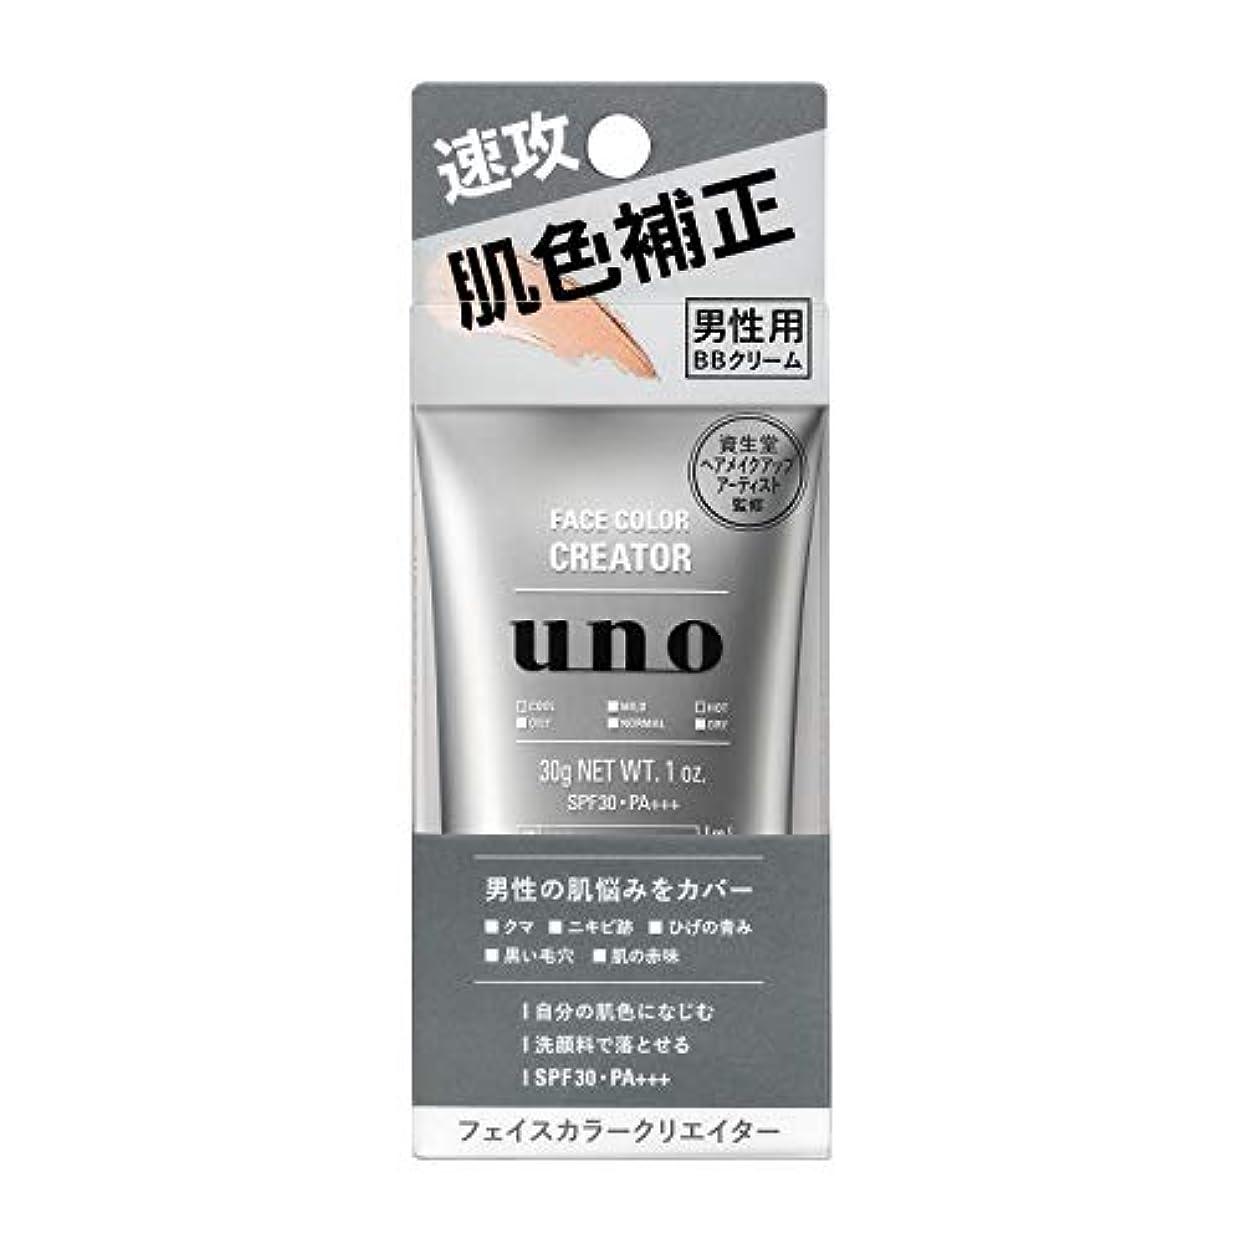 追う鰐知的UNO(ウーノ)フェイスカラークリエイター BBクリーム メンズ SPF30 PA+++ 30g